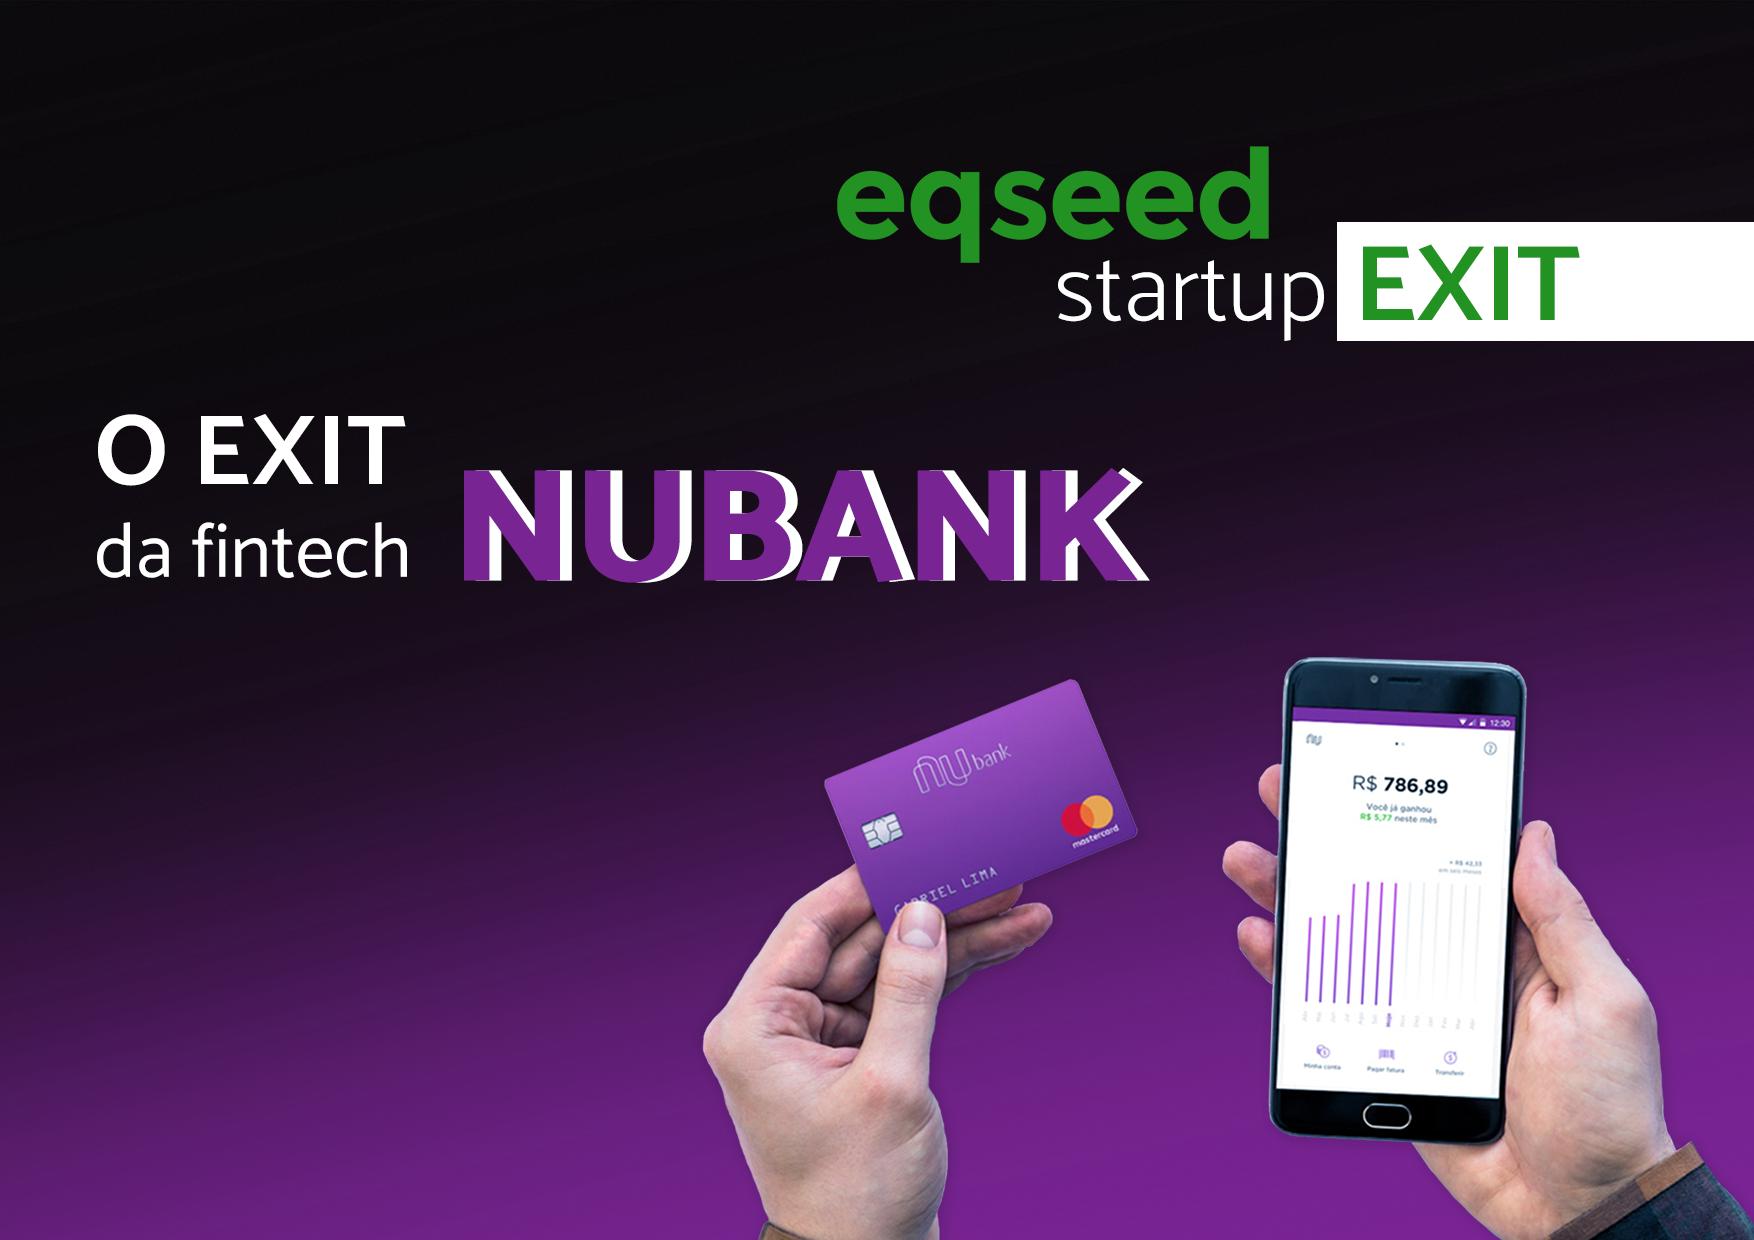 E-book | O exit da fintech Nubank